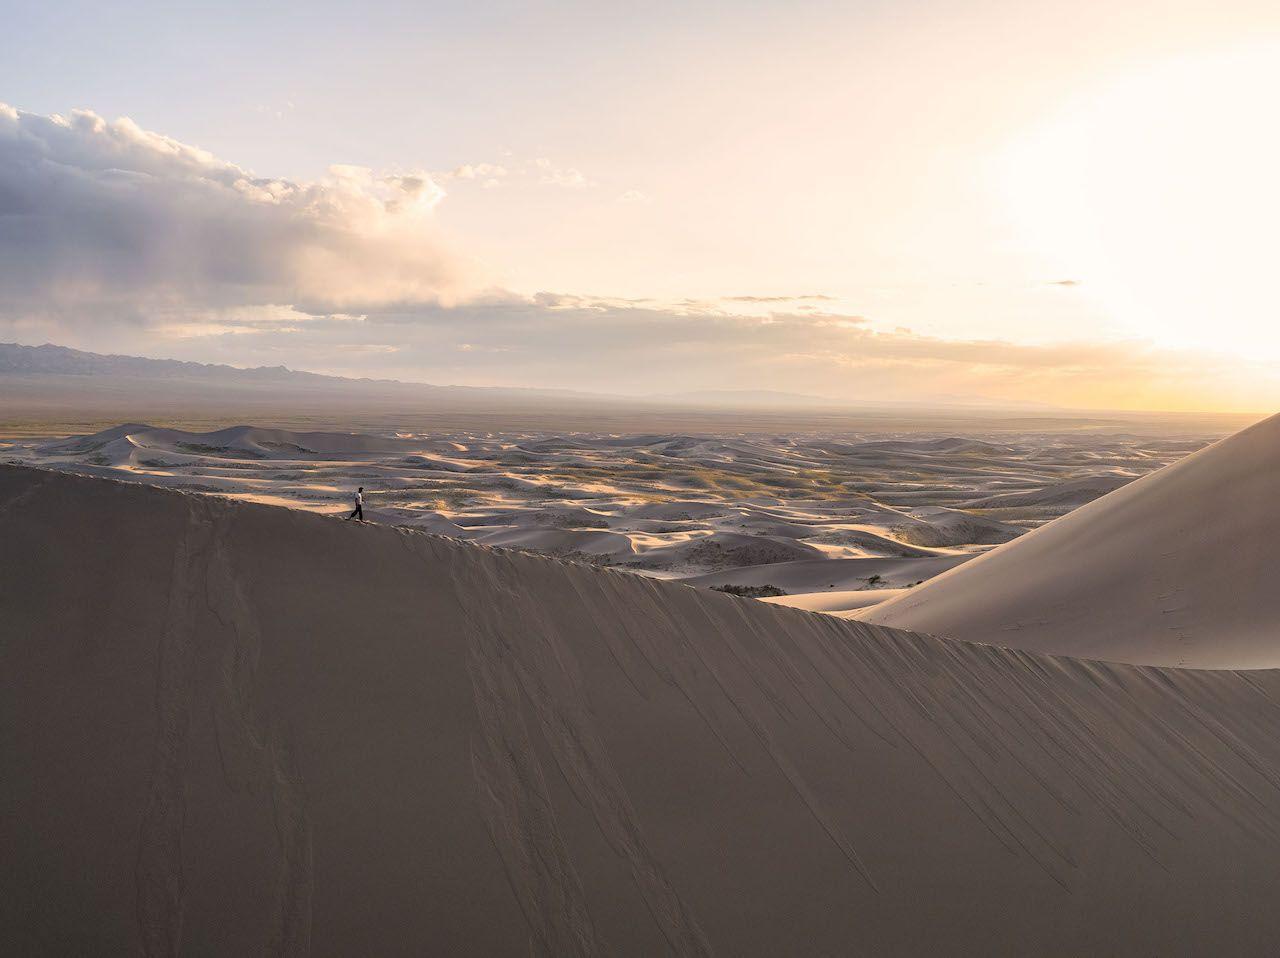 Sand-dunes-Mongolia-2.jpg